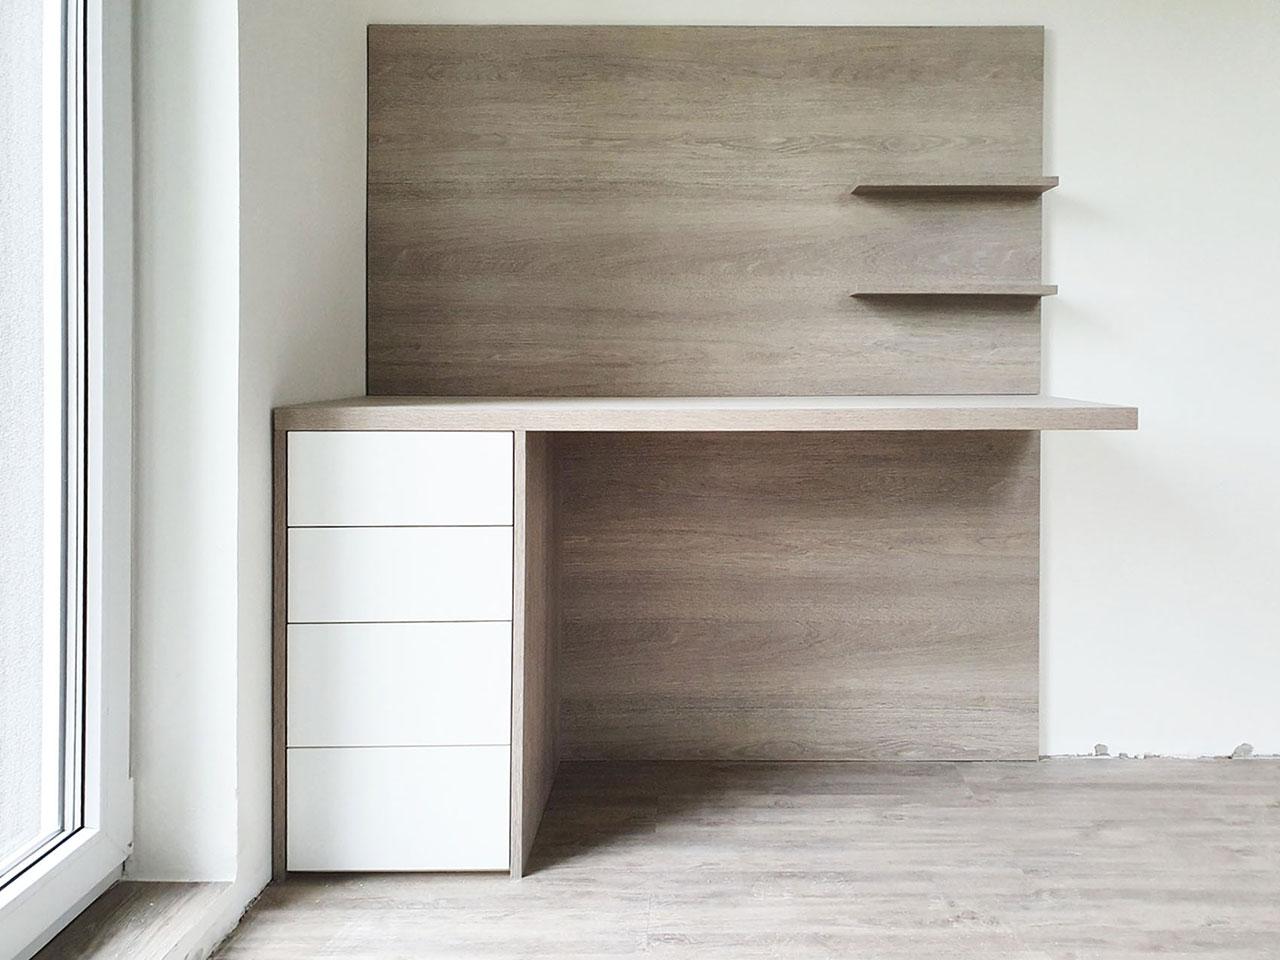 Částečně levitující pracovní stůl v dřevěném dekoru s bílými zásuvkami.